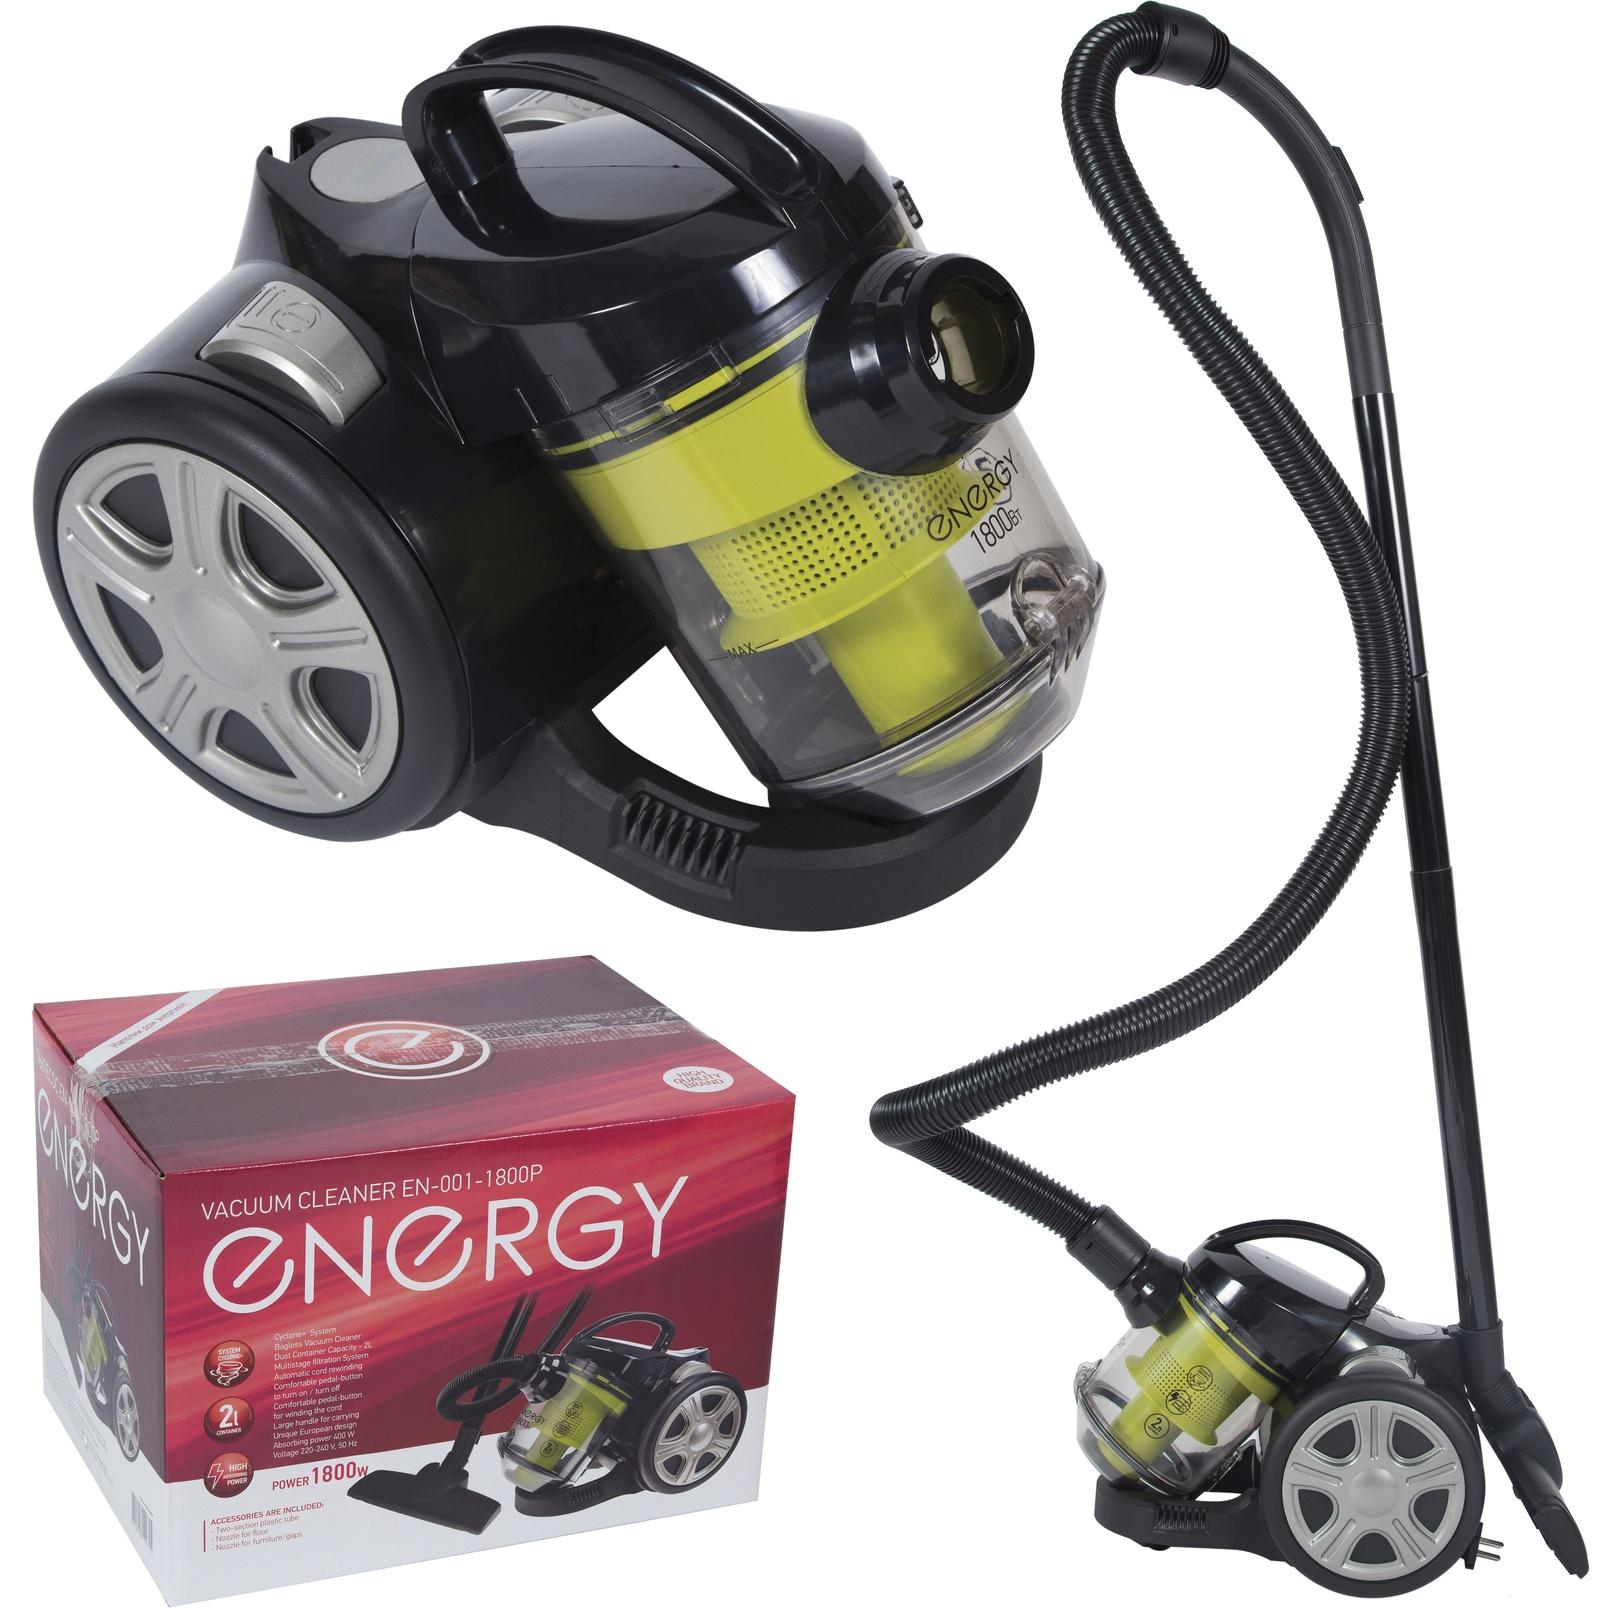 все цены на Бытовой пылесос ENERGY EN-001-1800Р, 54 004698, черный, желтый онлайн